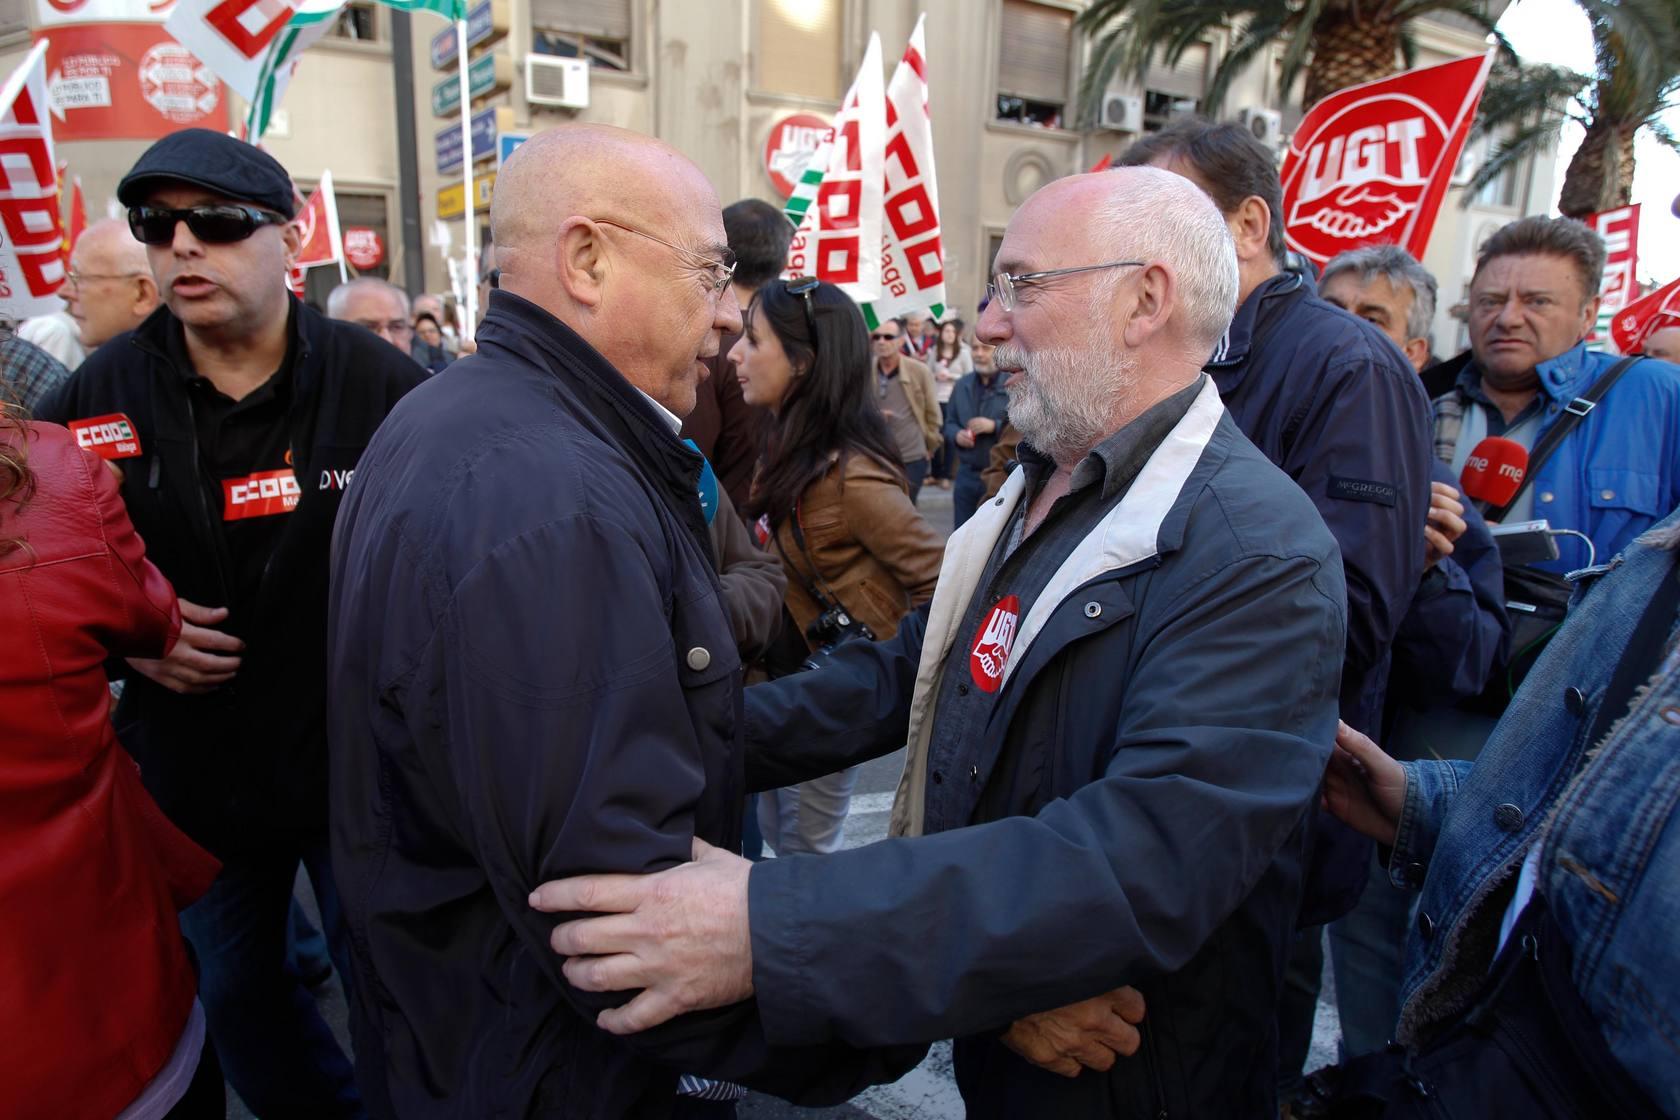 La manifestación del 1 de mayo de Málaga, en imágenes